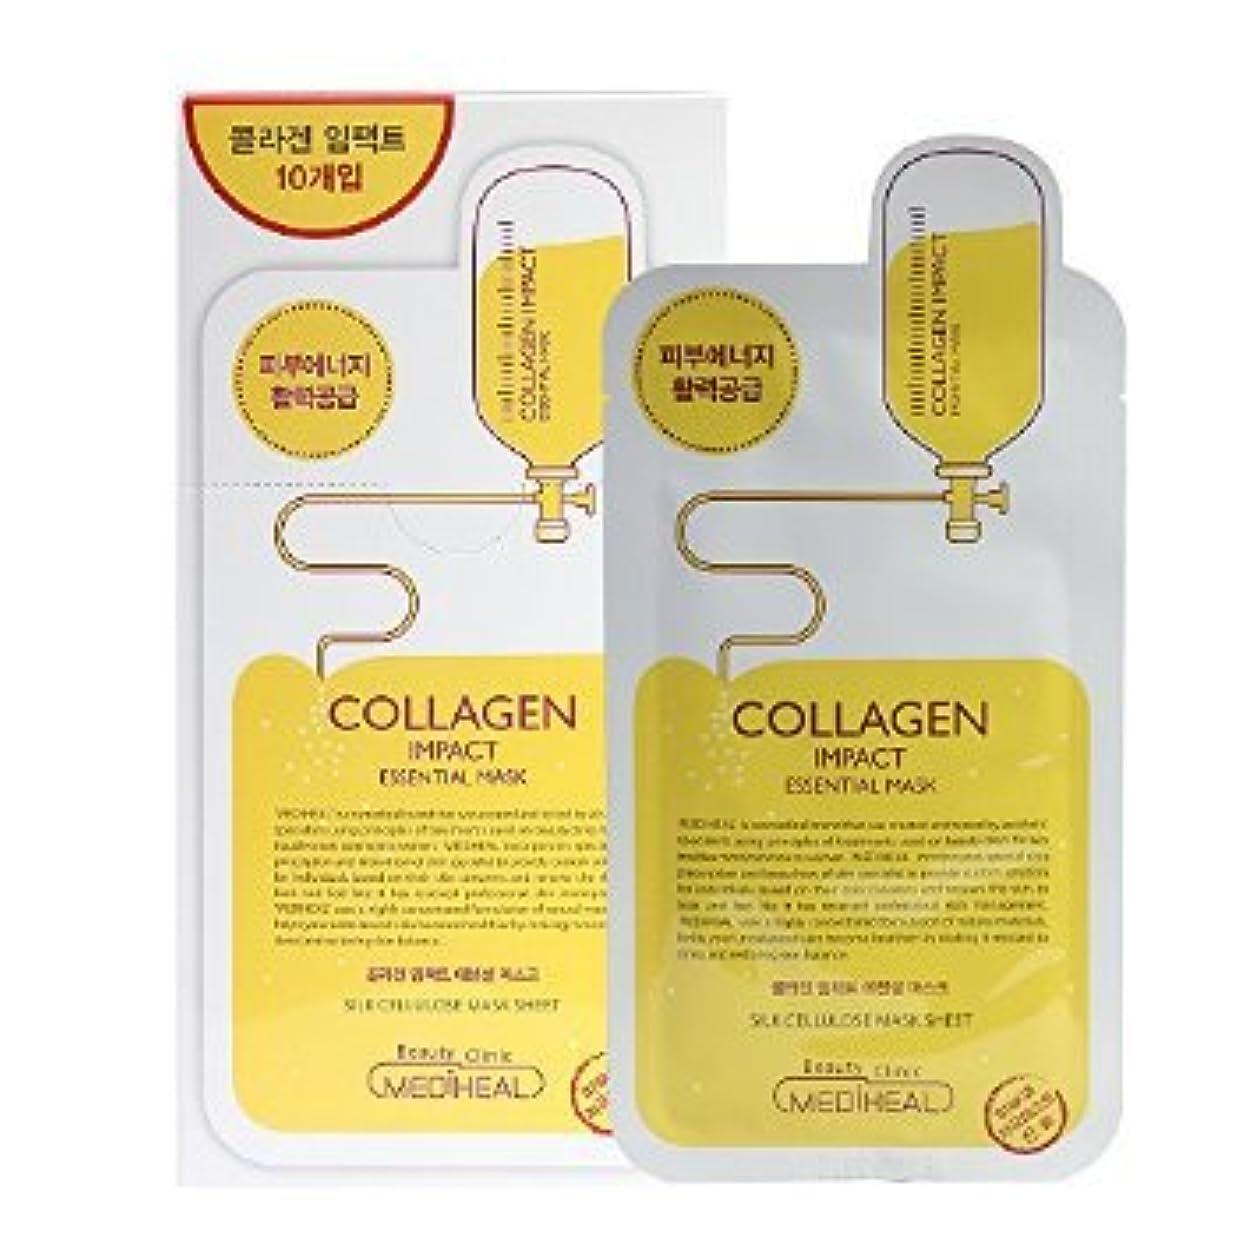 ふりをする減少海Korea Mediheal Collagen Impact Essential Mask Pack 1box 10sheet